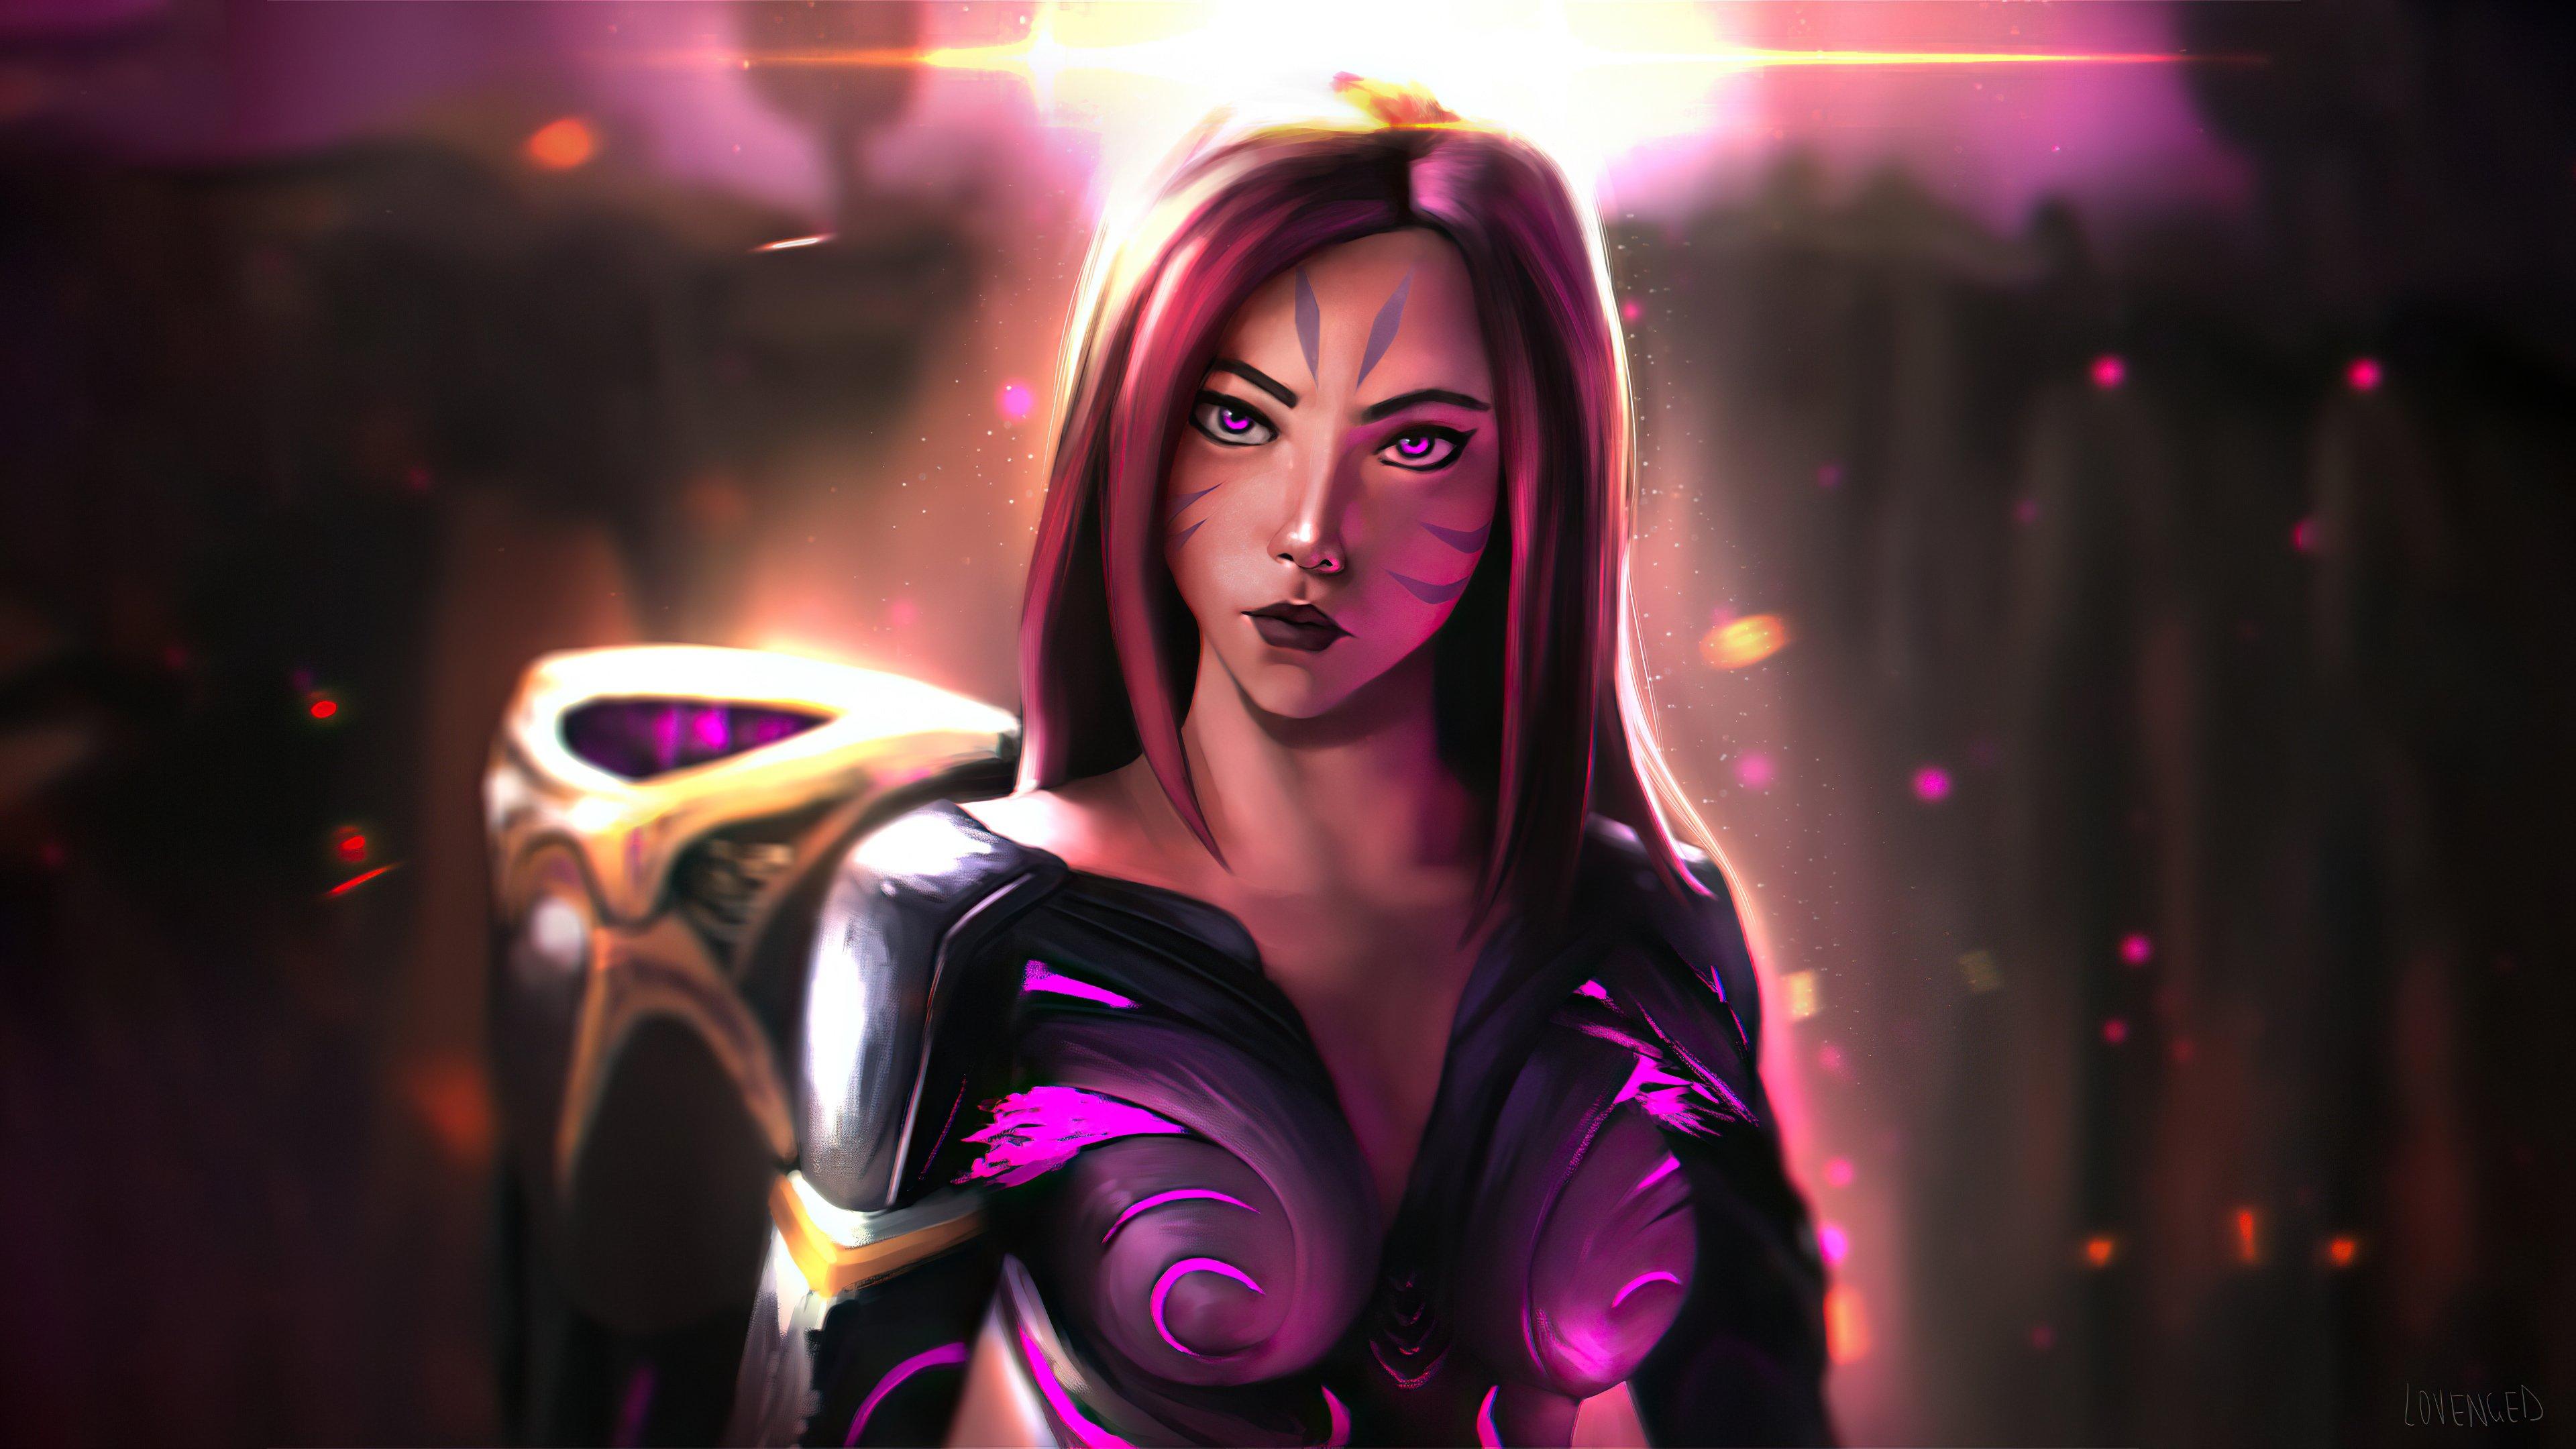 Wallpaper Kaisa League of Legends